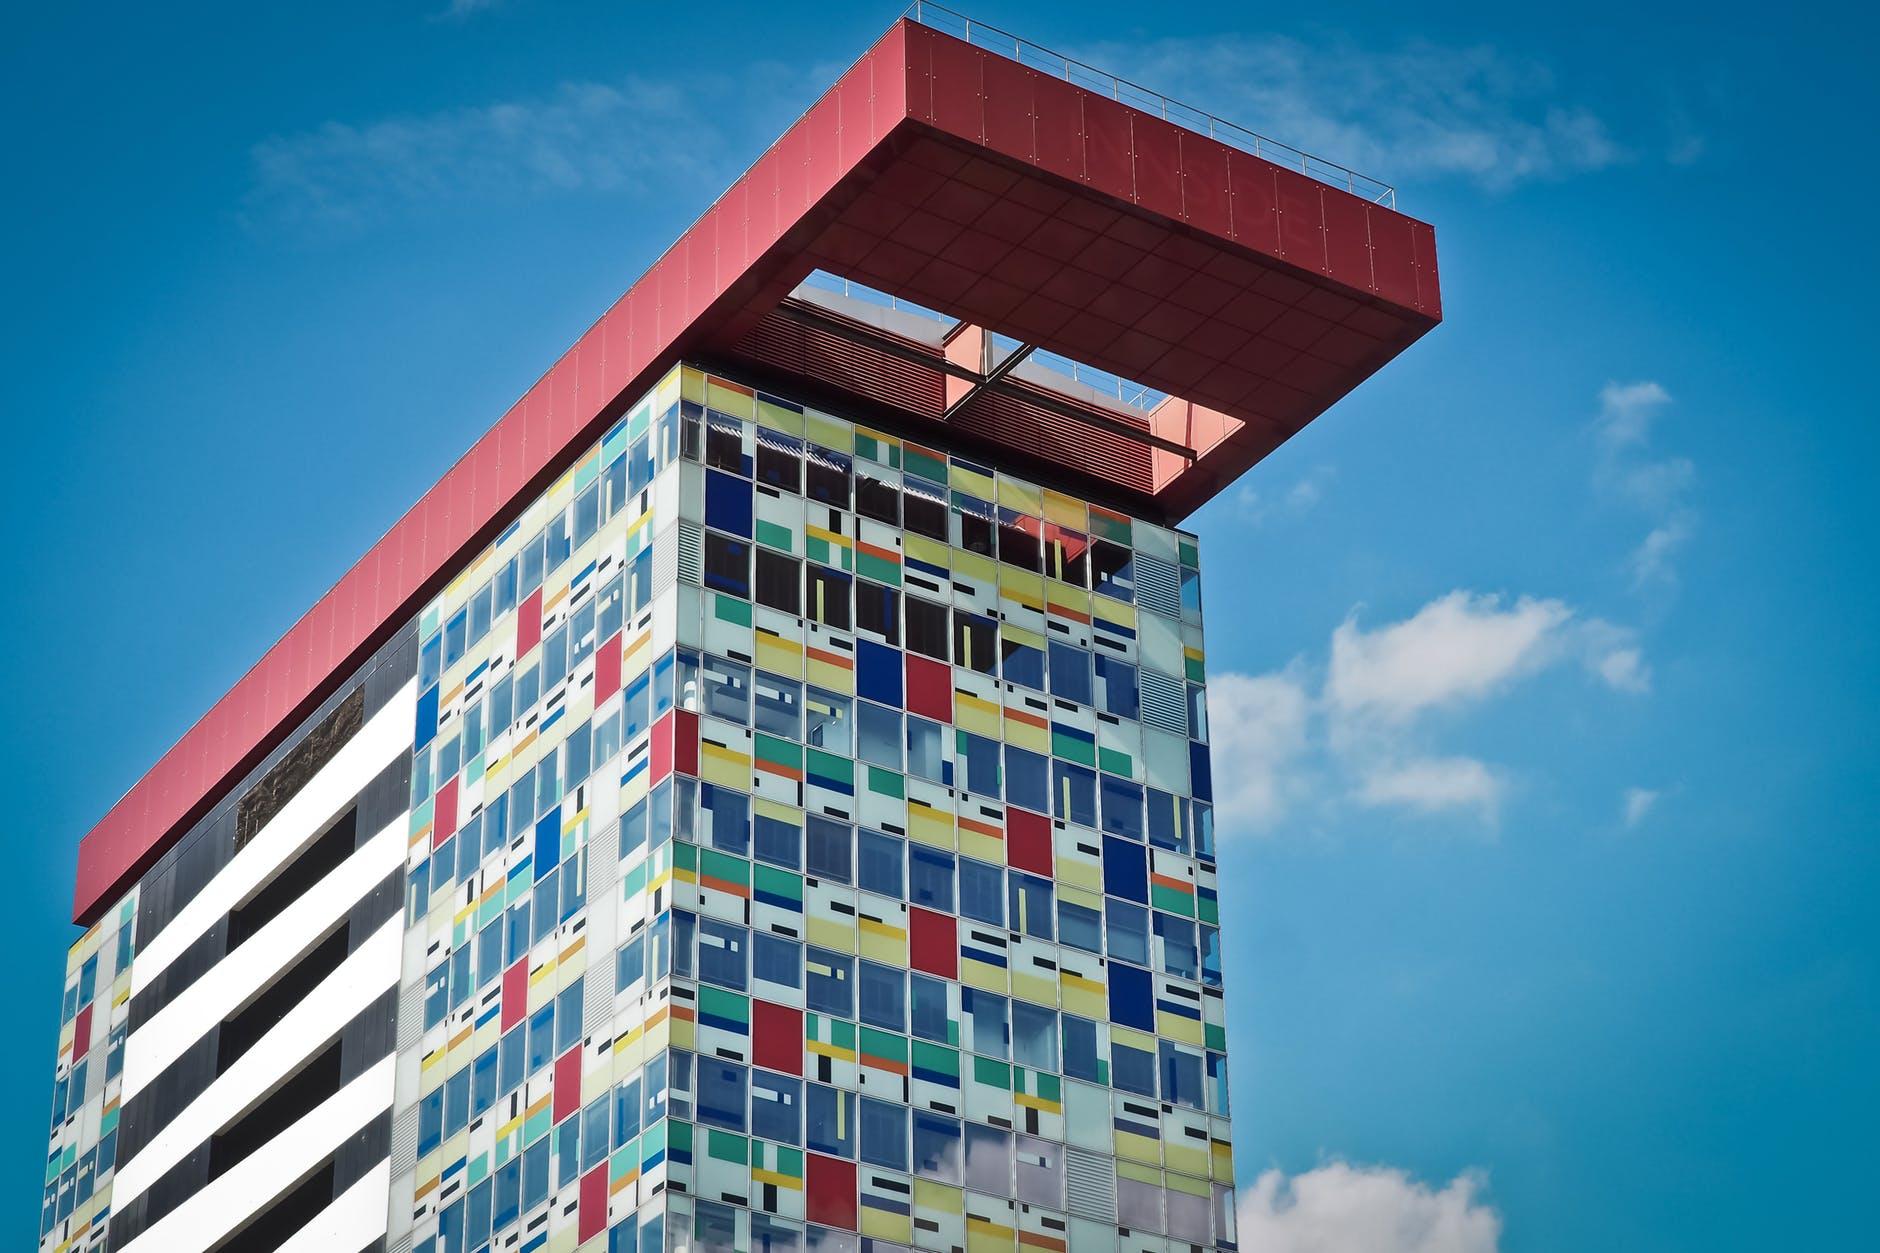 architecture art blue sky building